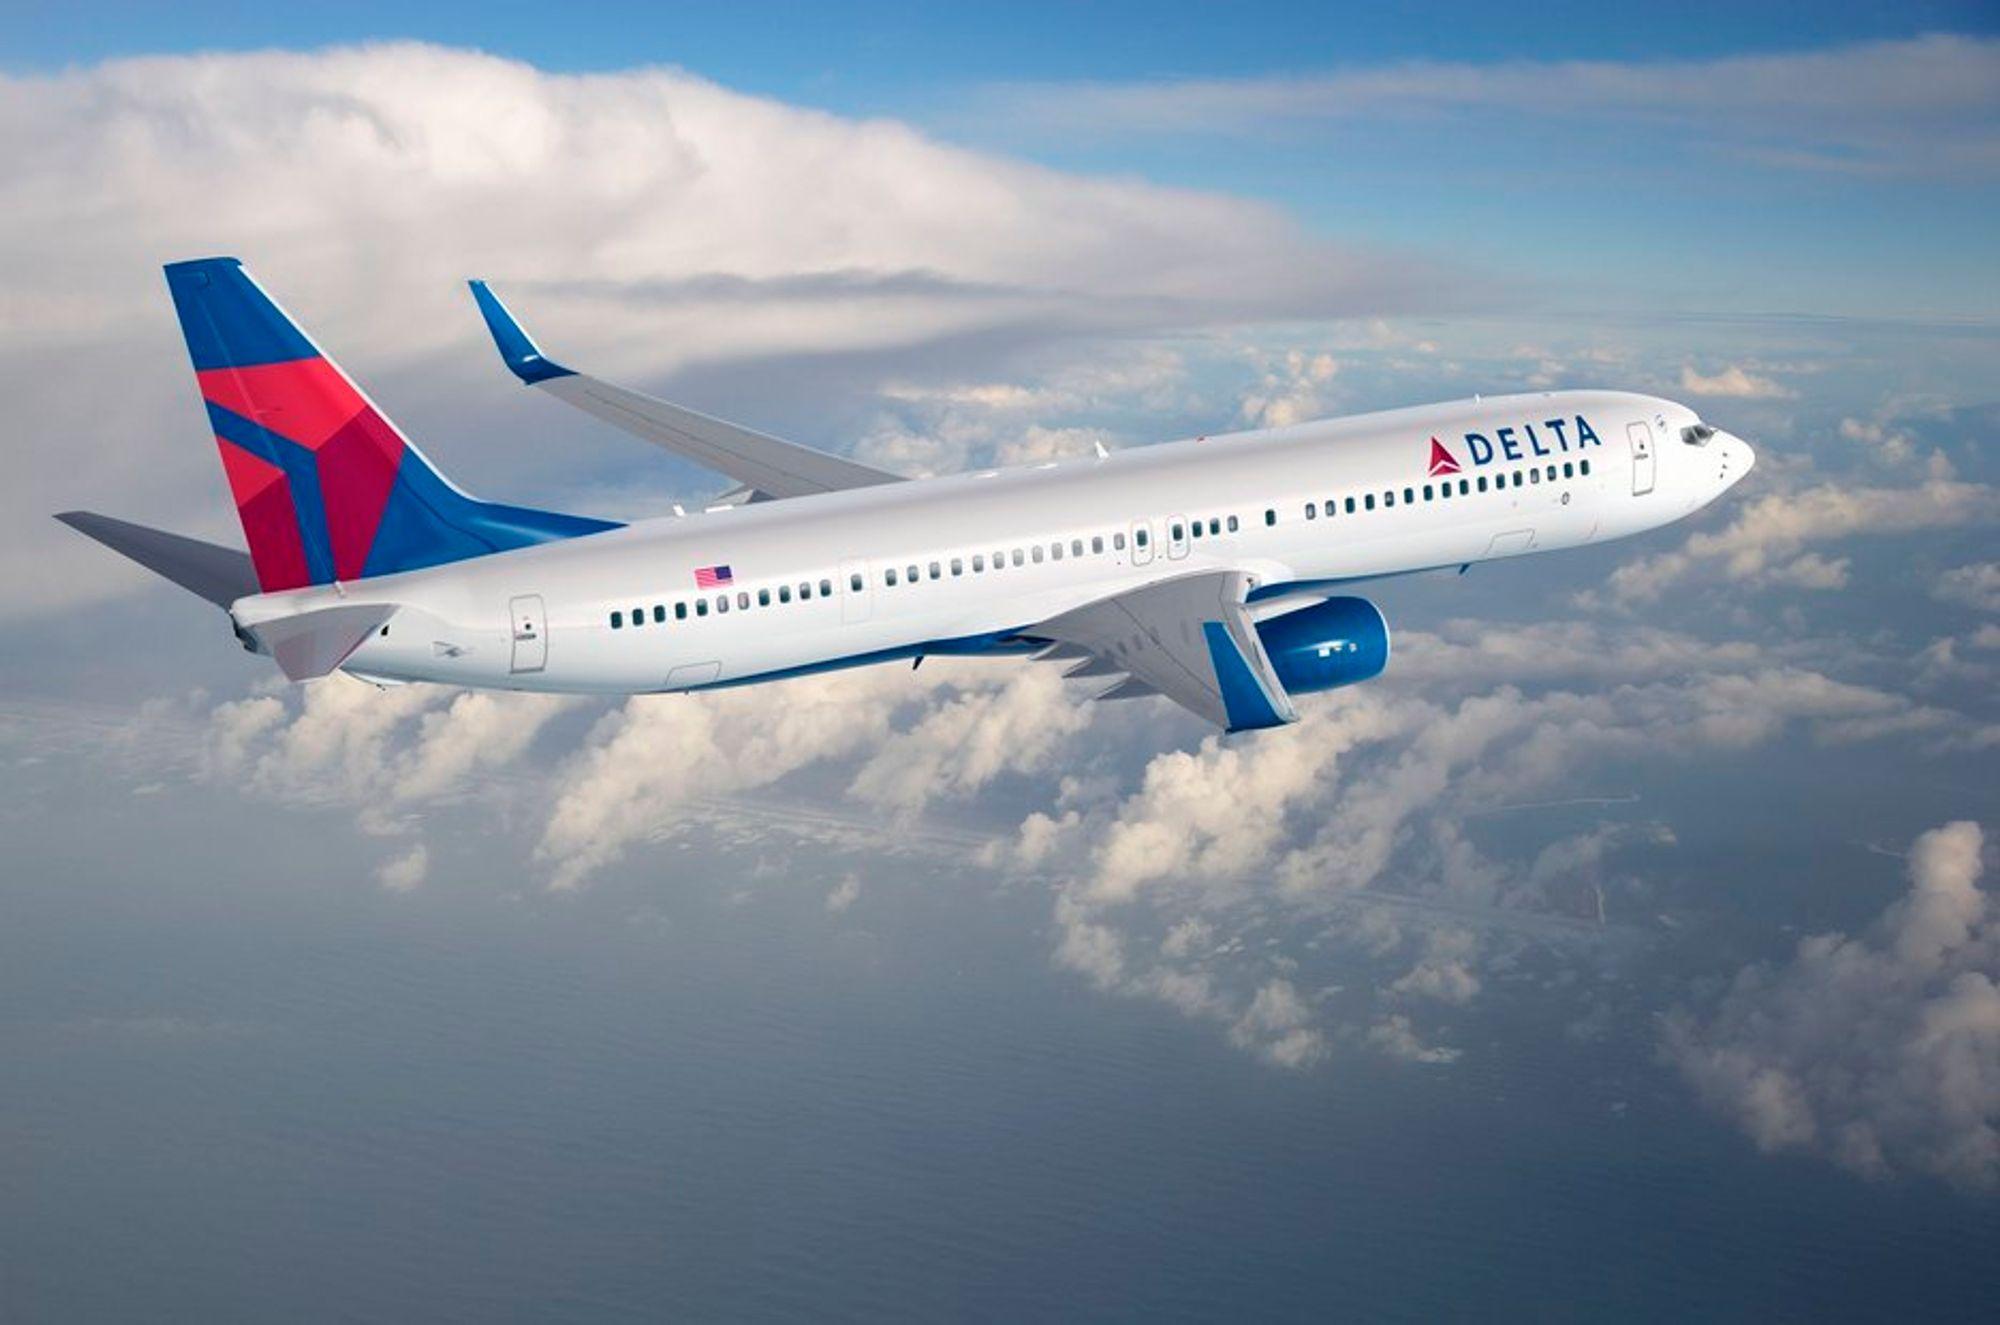 En ekstra nødutgang ved vindu 12 talt fra halen, som var nødvendig for å sertifisere flyet for opp til 220 passasjerer, er blant det som eksteriørt skiller 737-900ER fra den 2,6 meter kortere lillesøsteren 737-800.